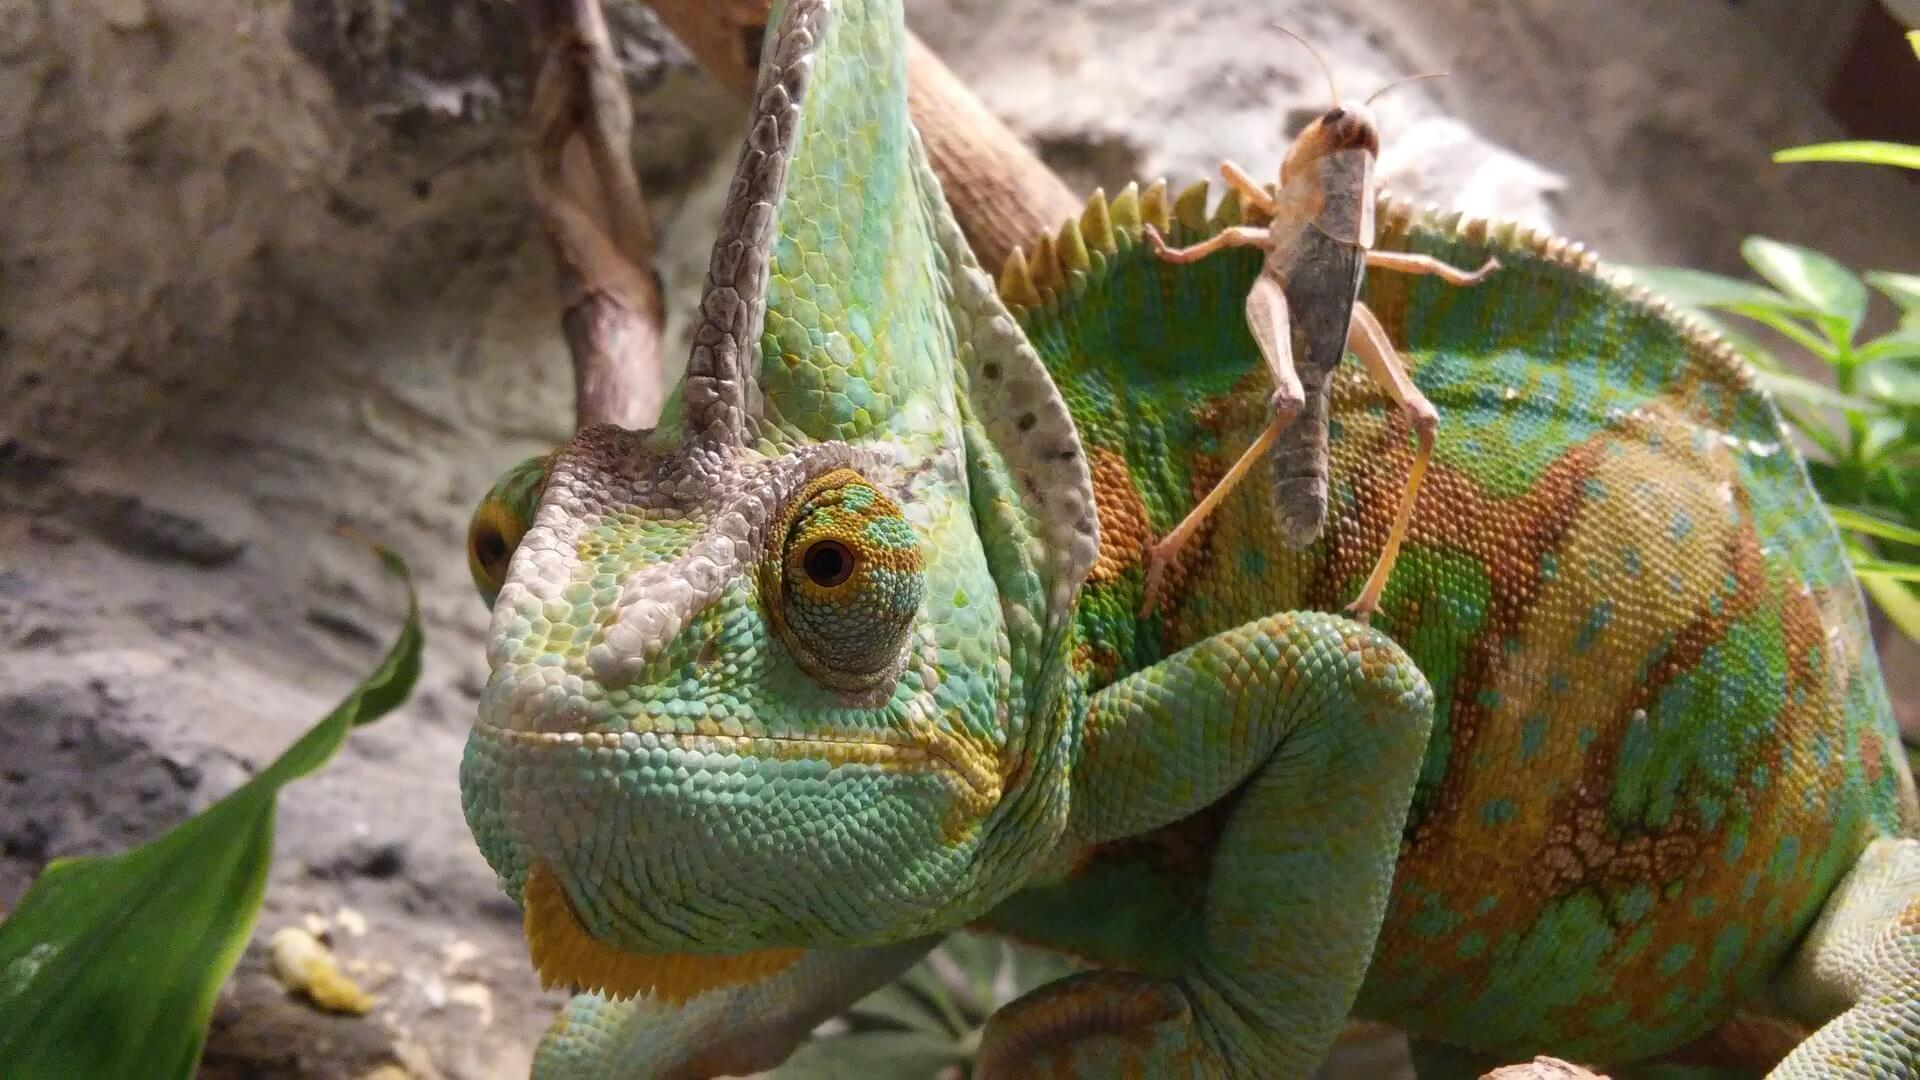 Jemen chameleon diet